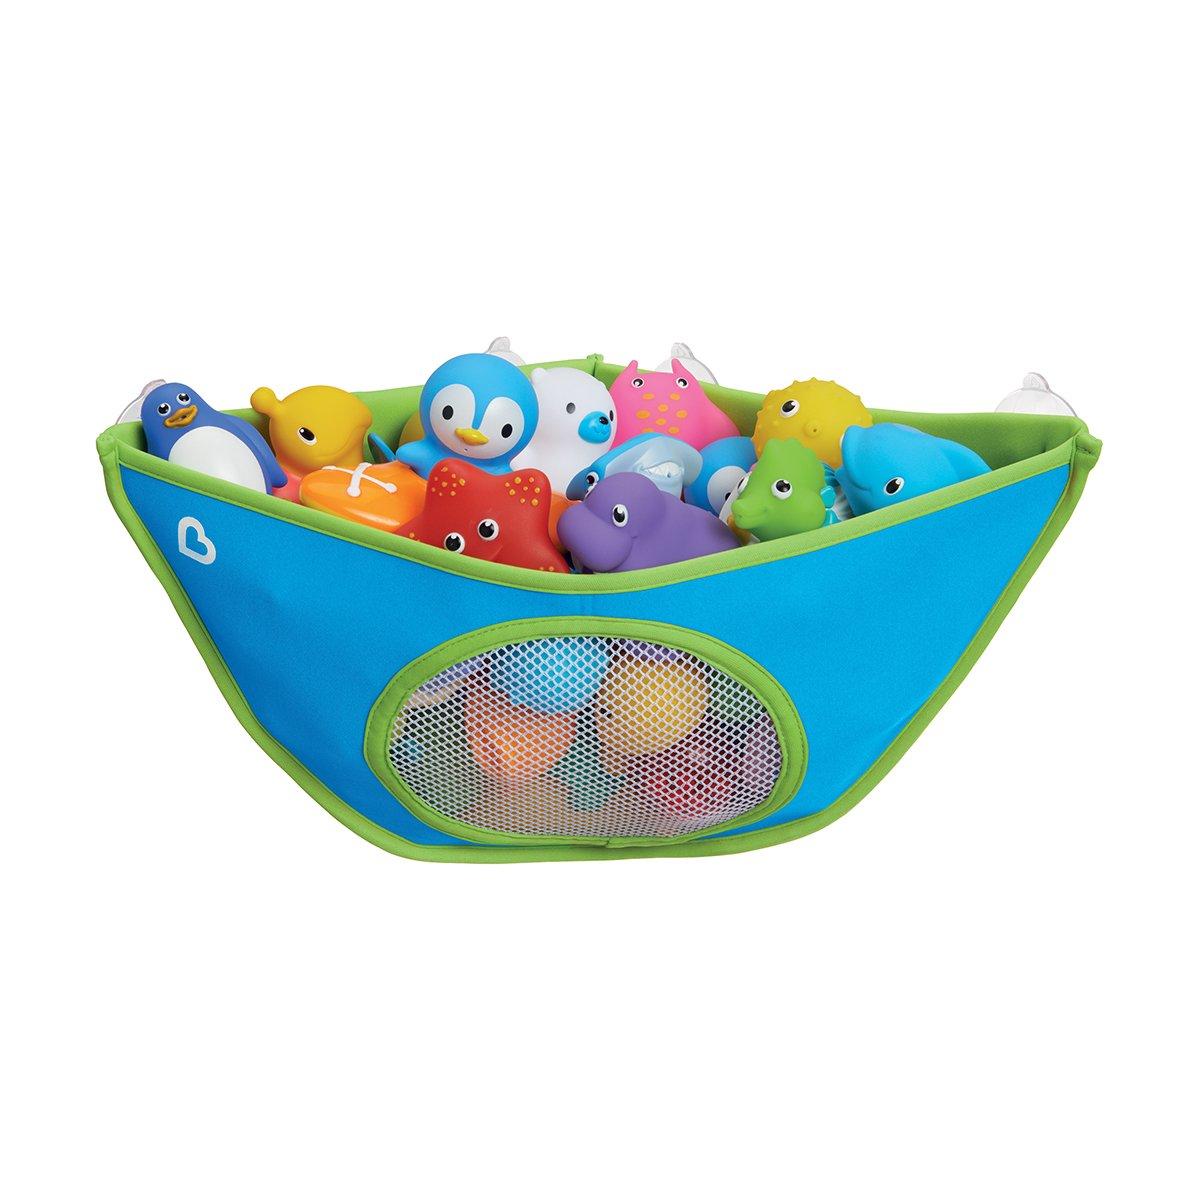 Munchkin High'n Dry Badespielzeug-Organizer, blau Munchkin Asia Limited 051699